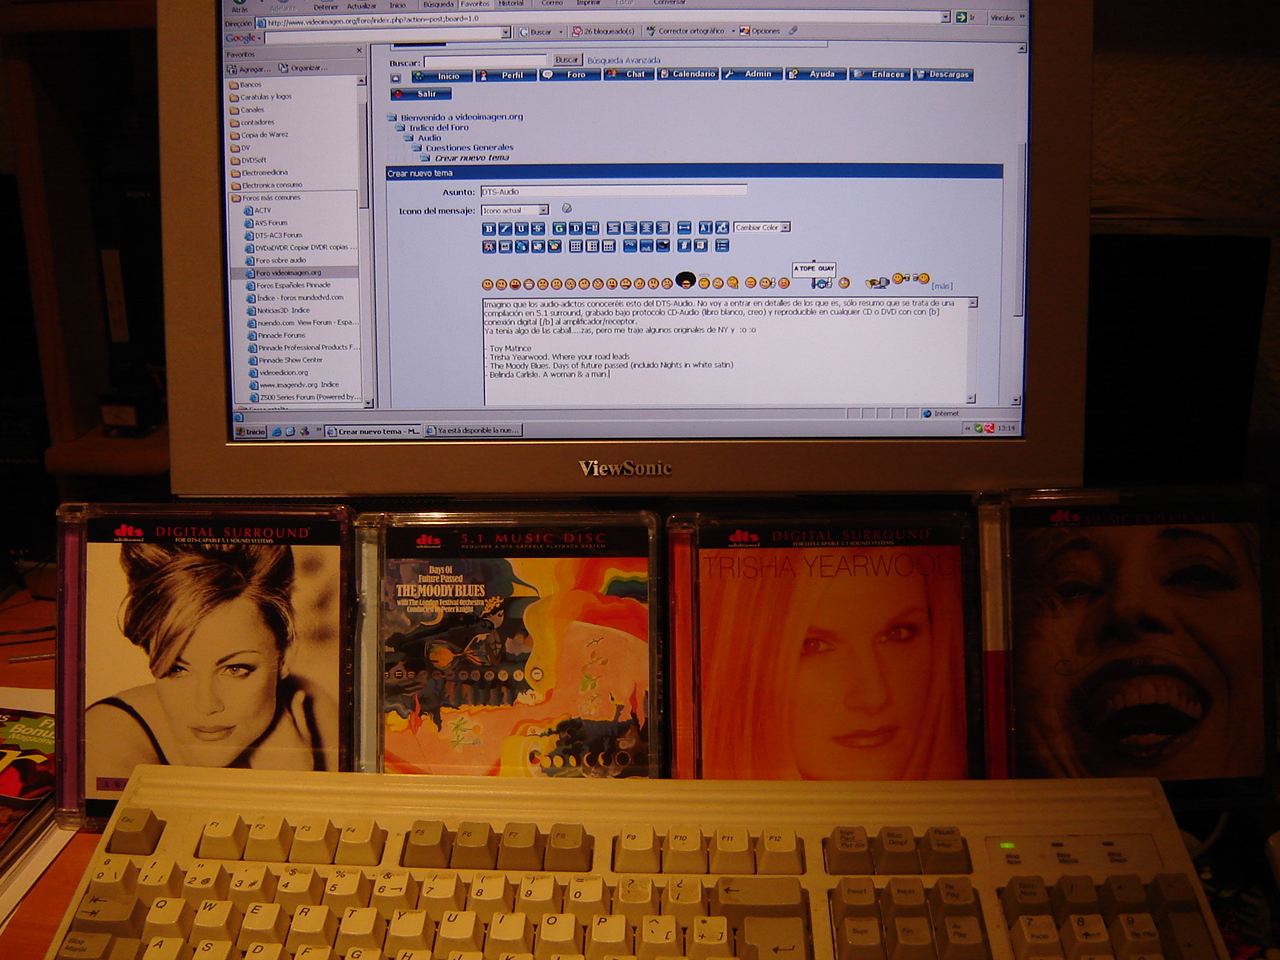 Contacto con el DTS CD Dsc01456kx